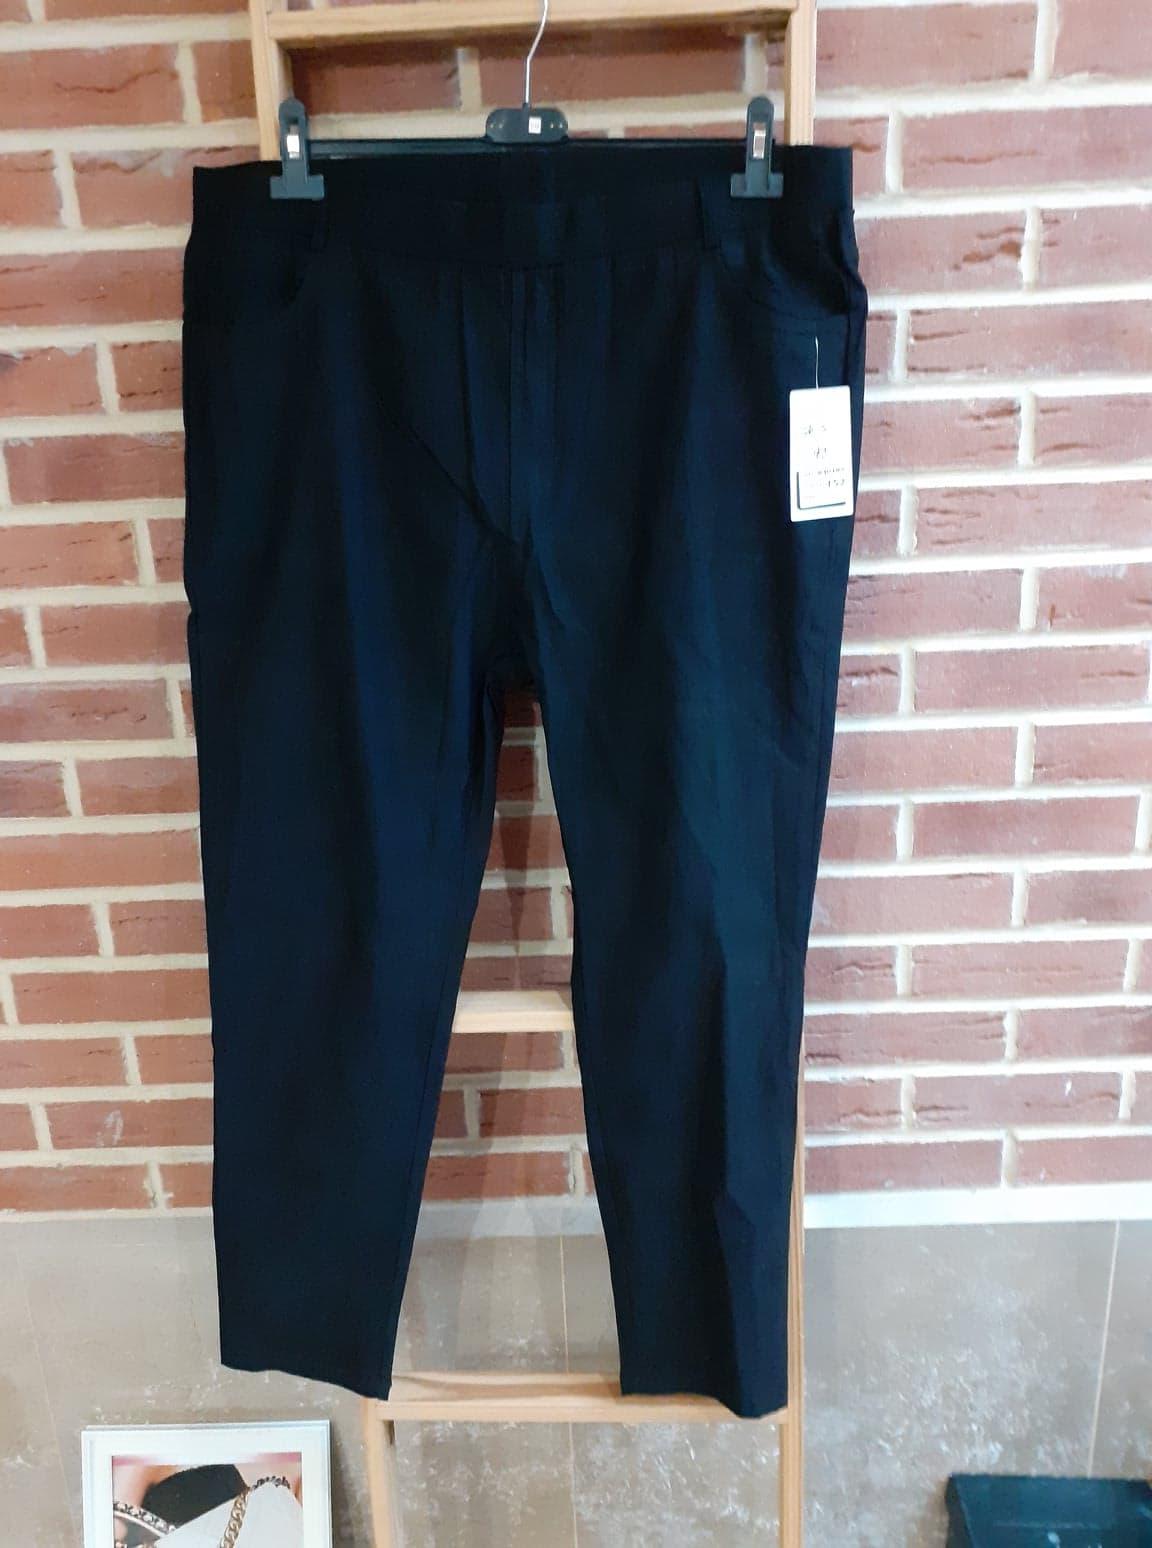 Pantalon huilé noir new - pan-hui-noi-new-co